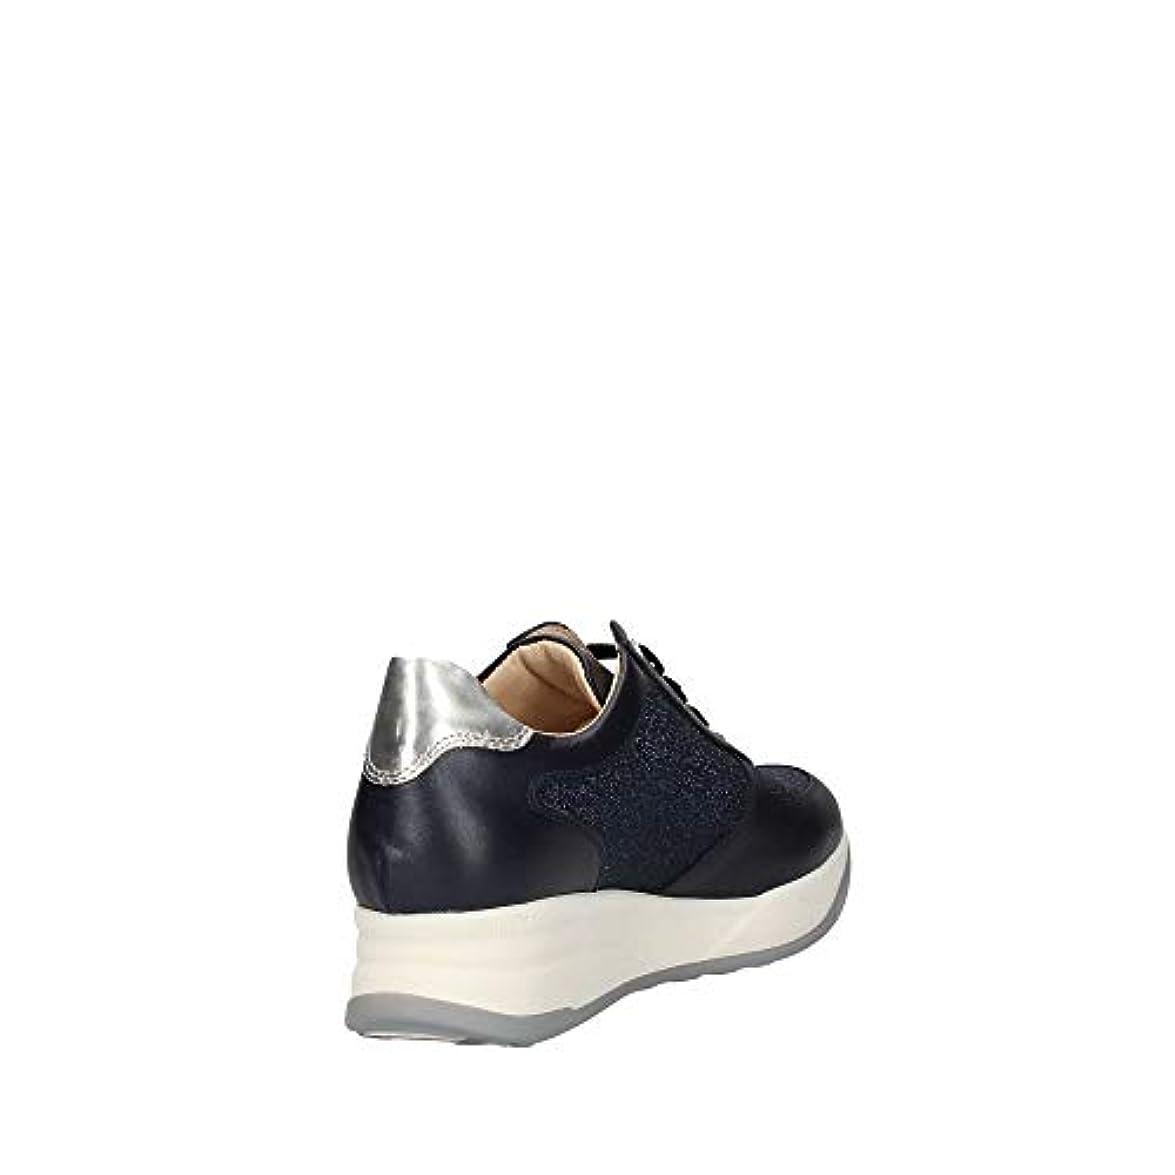 Liu-jo Girl L4a4-20377-0492 Sneakers Donna Blu 39